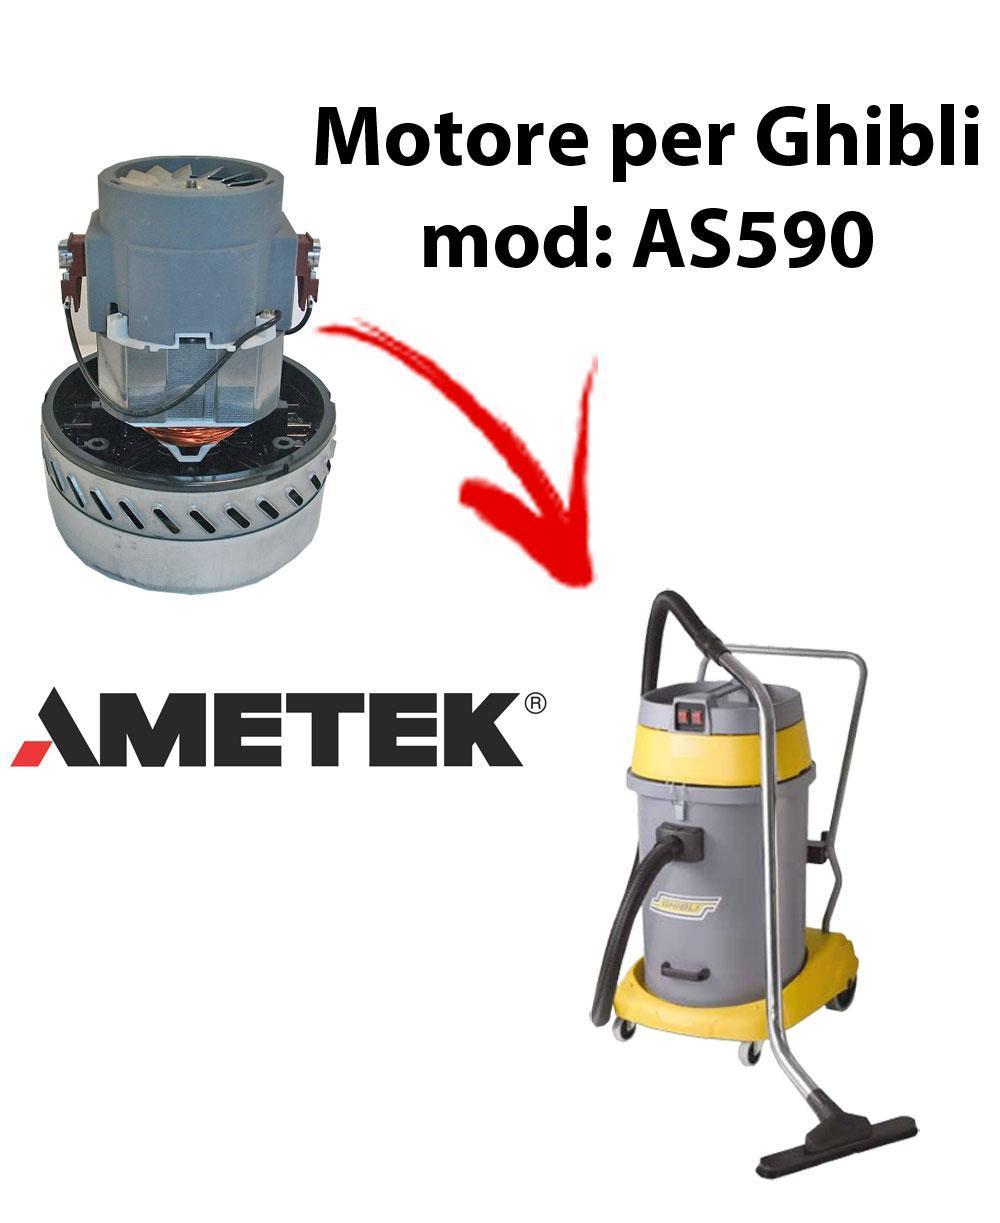 AS590  MOTEUR ASPIRATION AMETEK pour aspirateur et aspirateur à eau GHIBLI